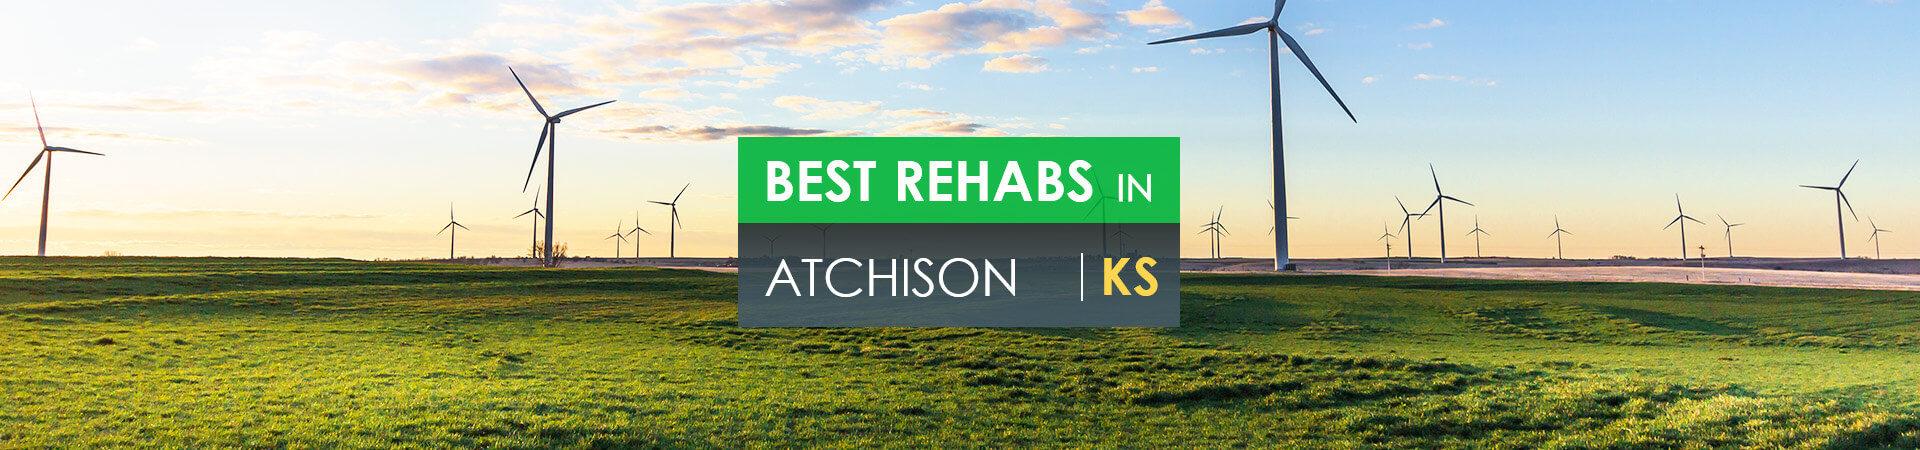 Best rehabs in Atchison, KS